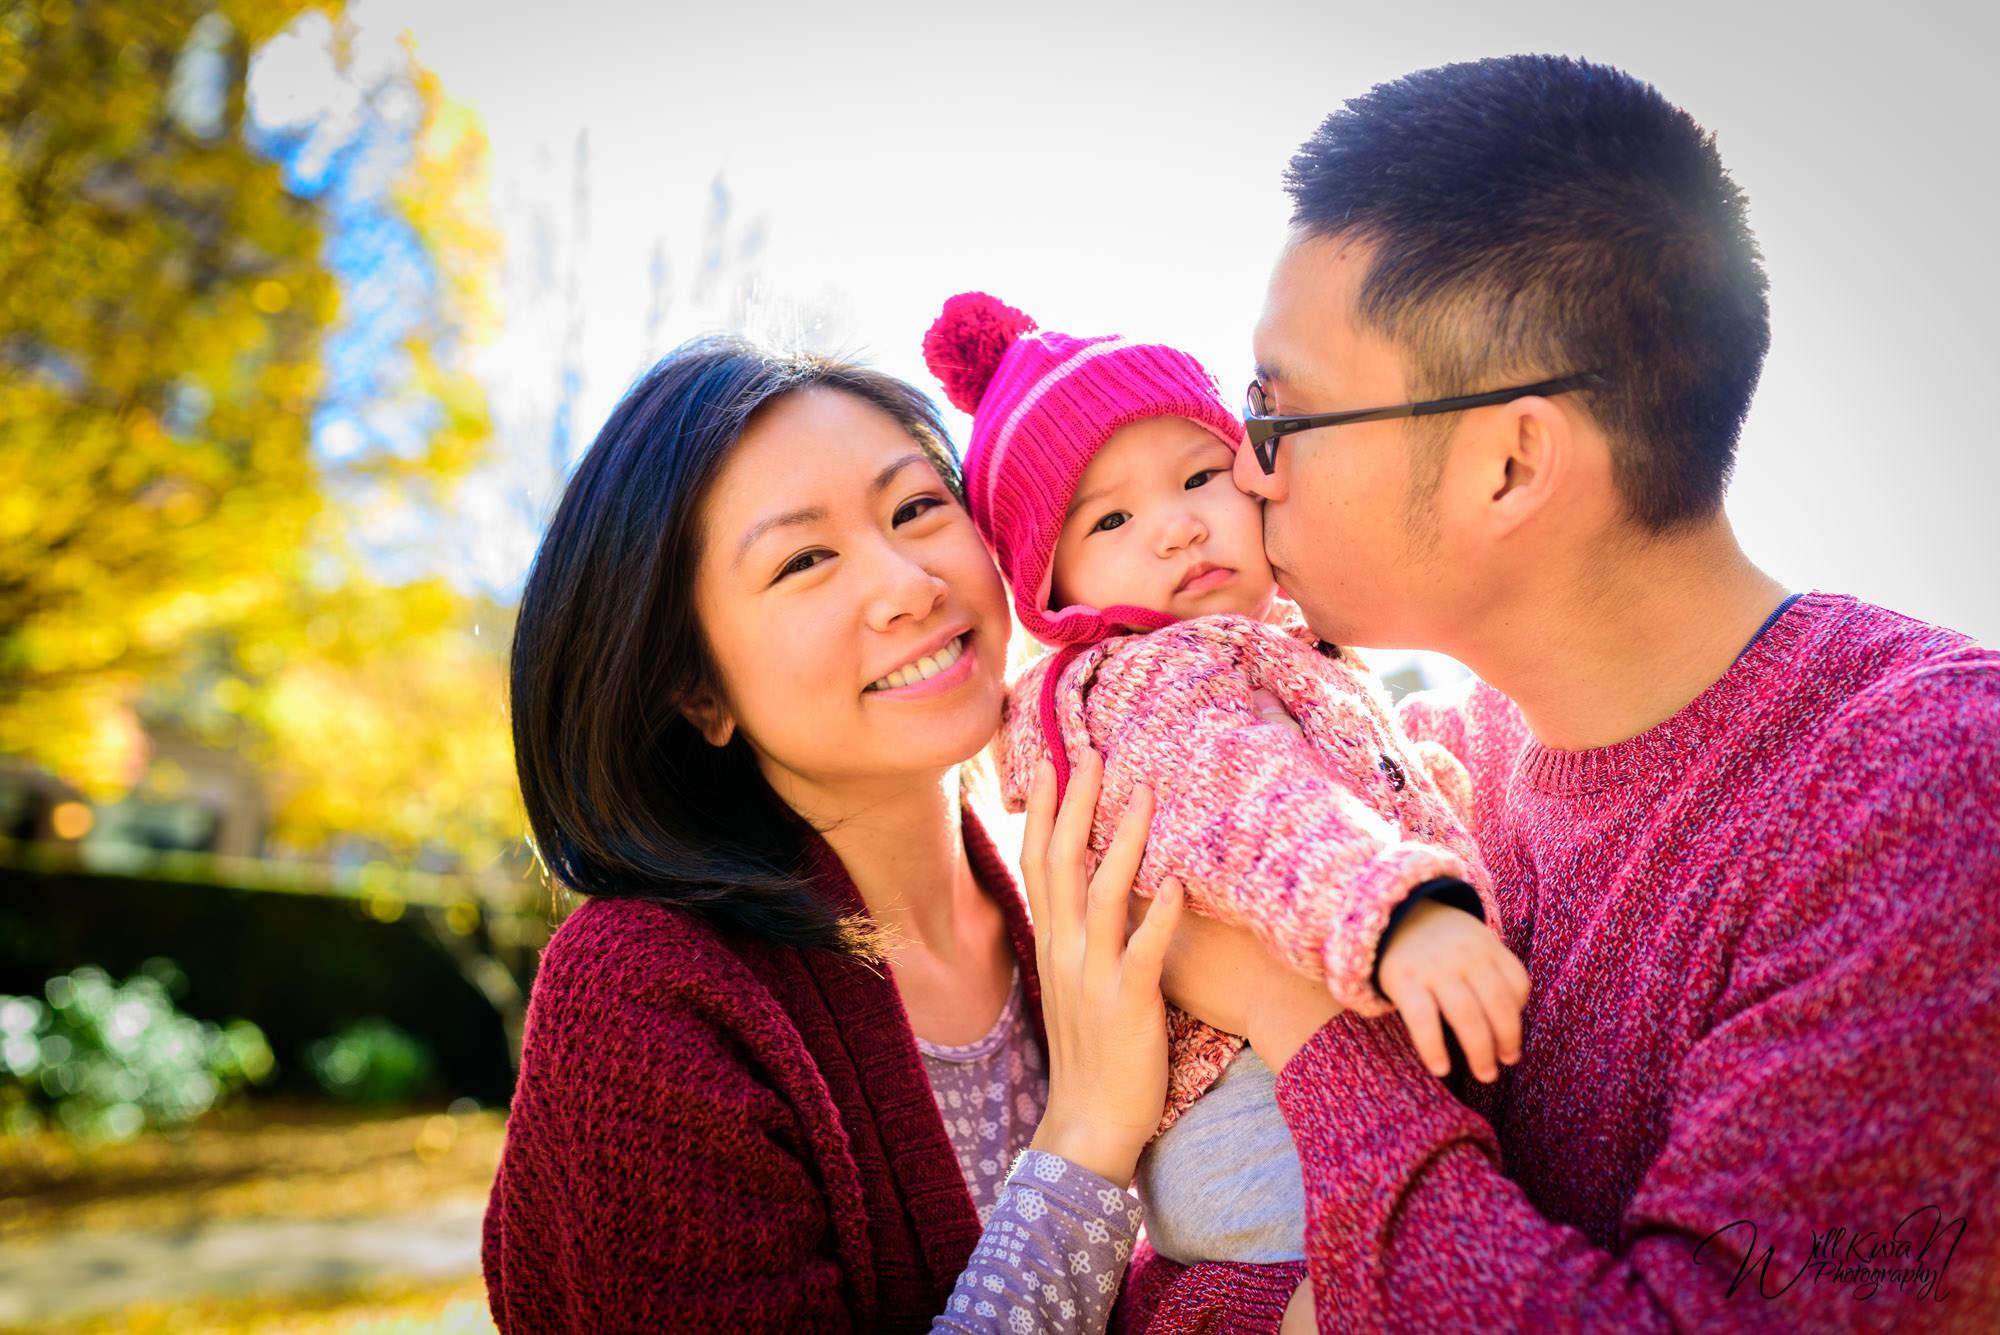 Esther_Family-16.jpg